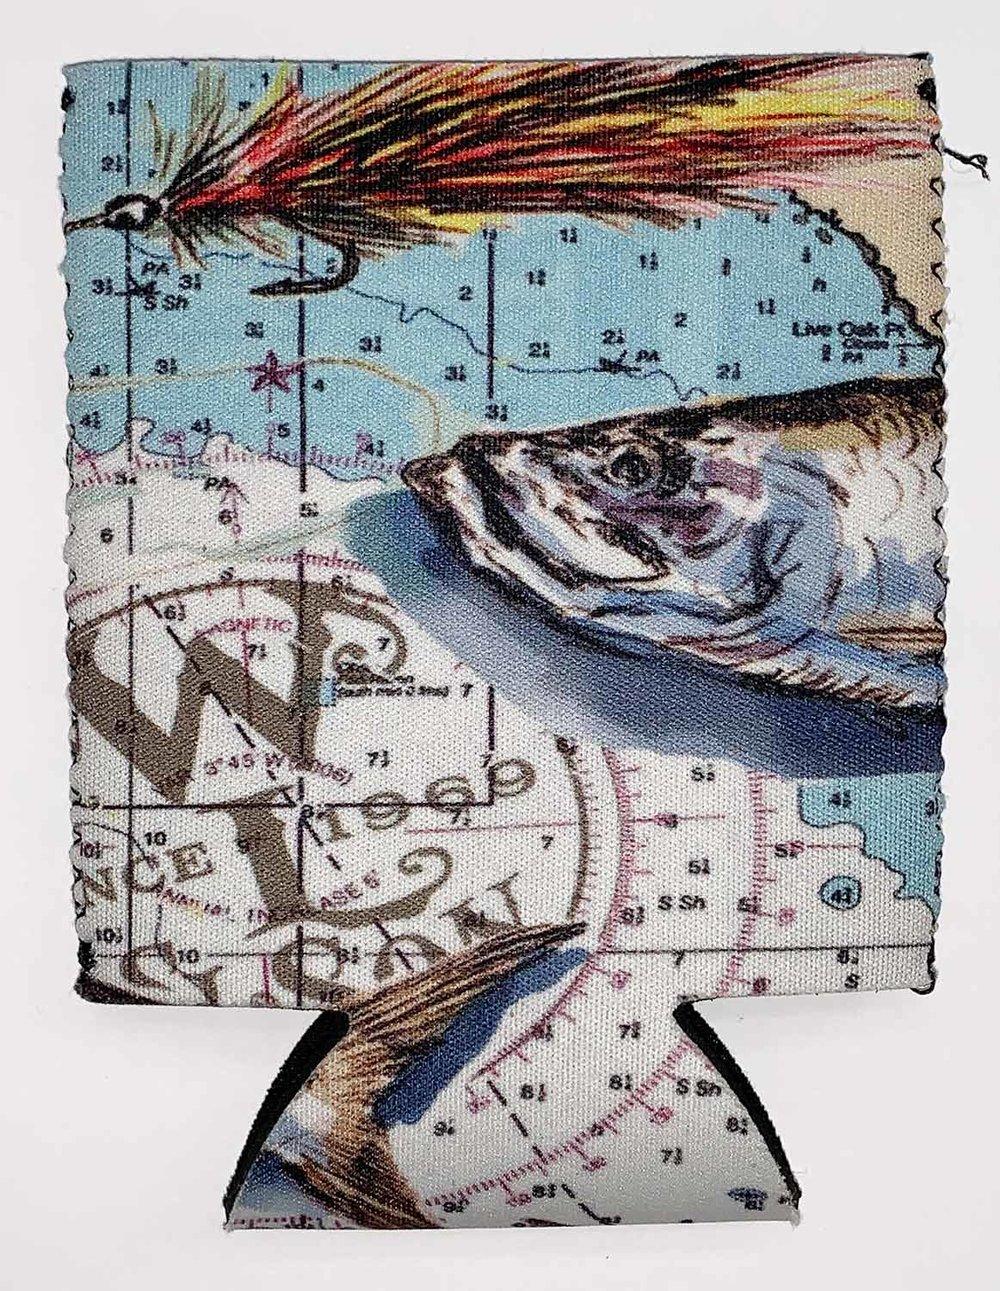 KYC_WM-Lamb&Son_fishmapcoozies_web.jpg